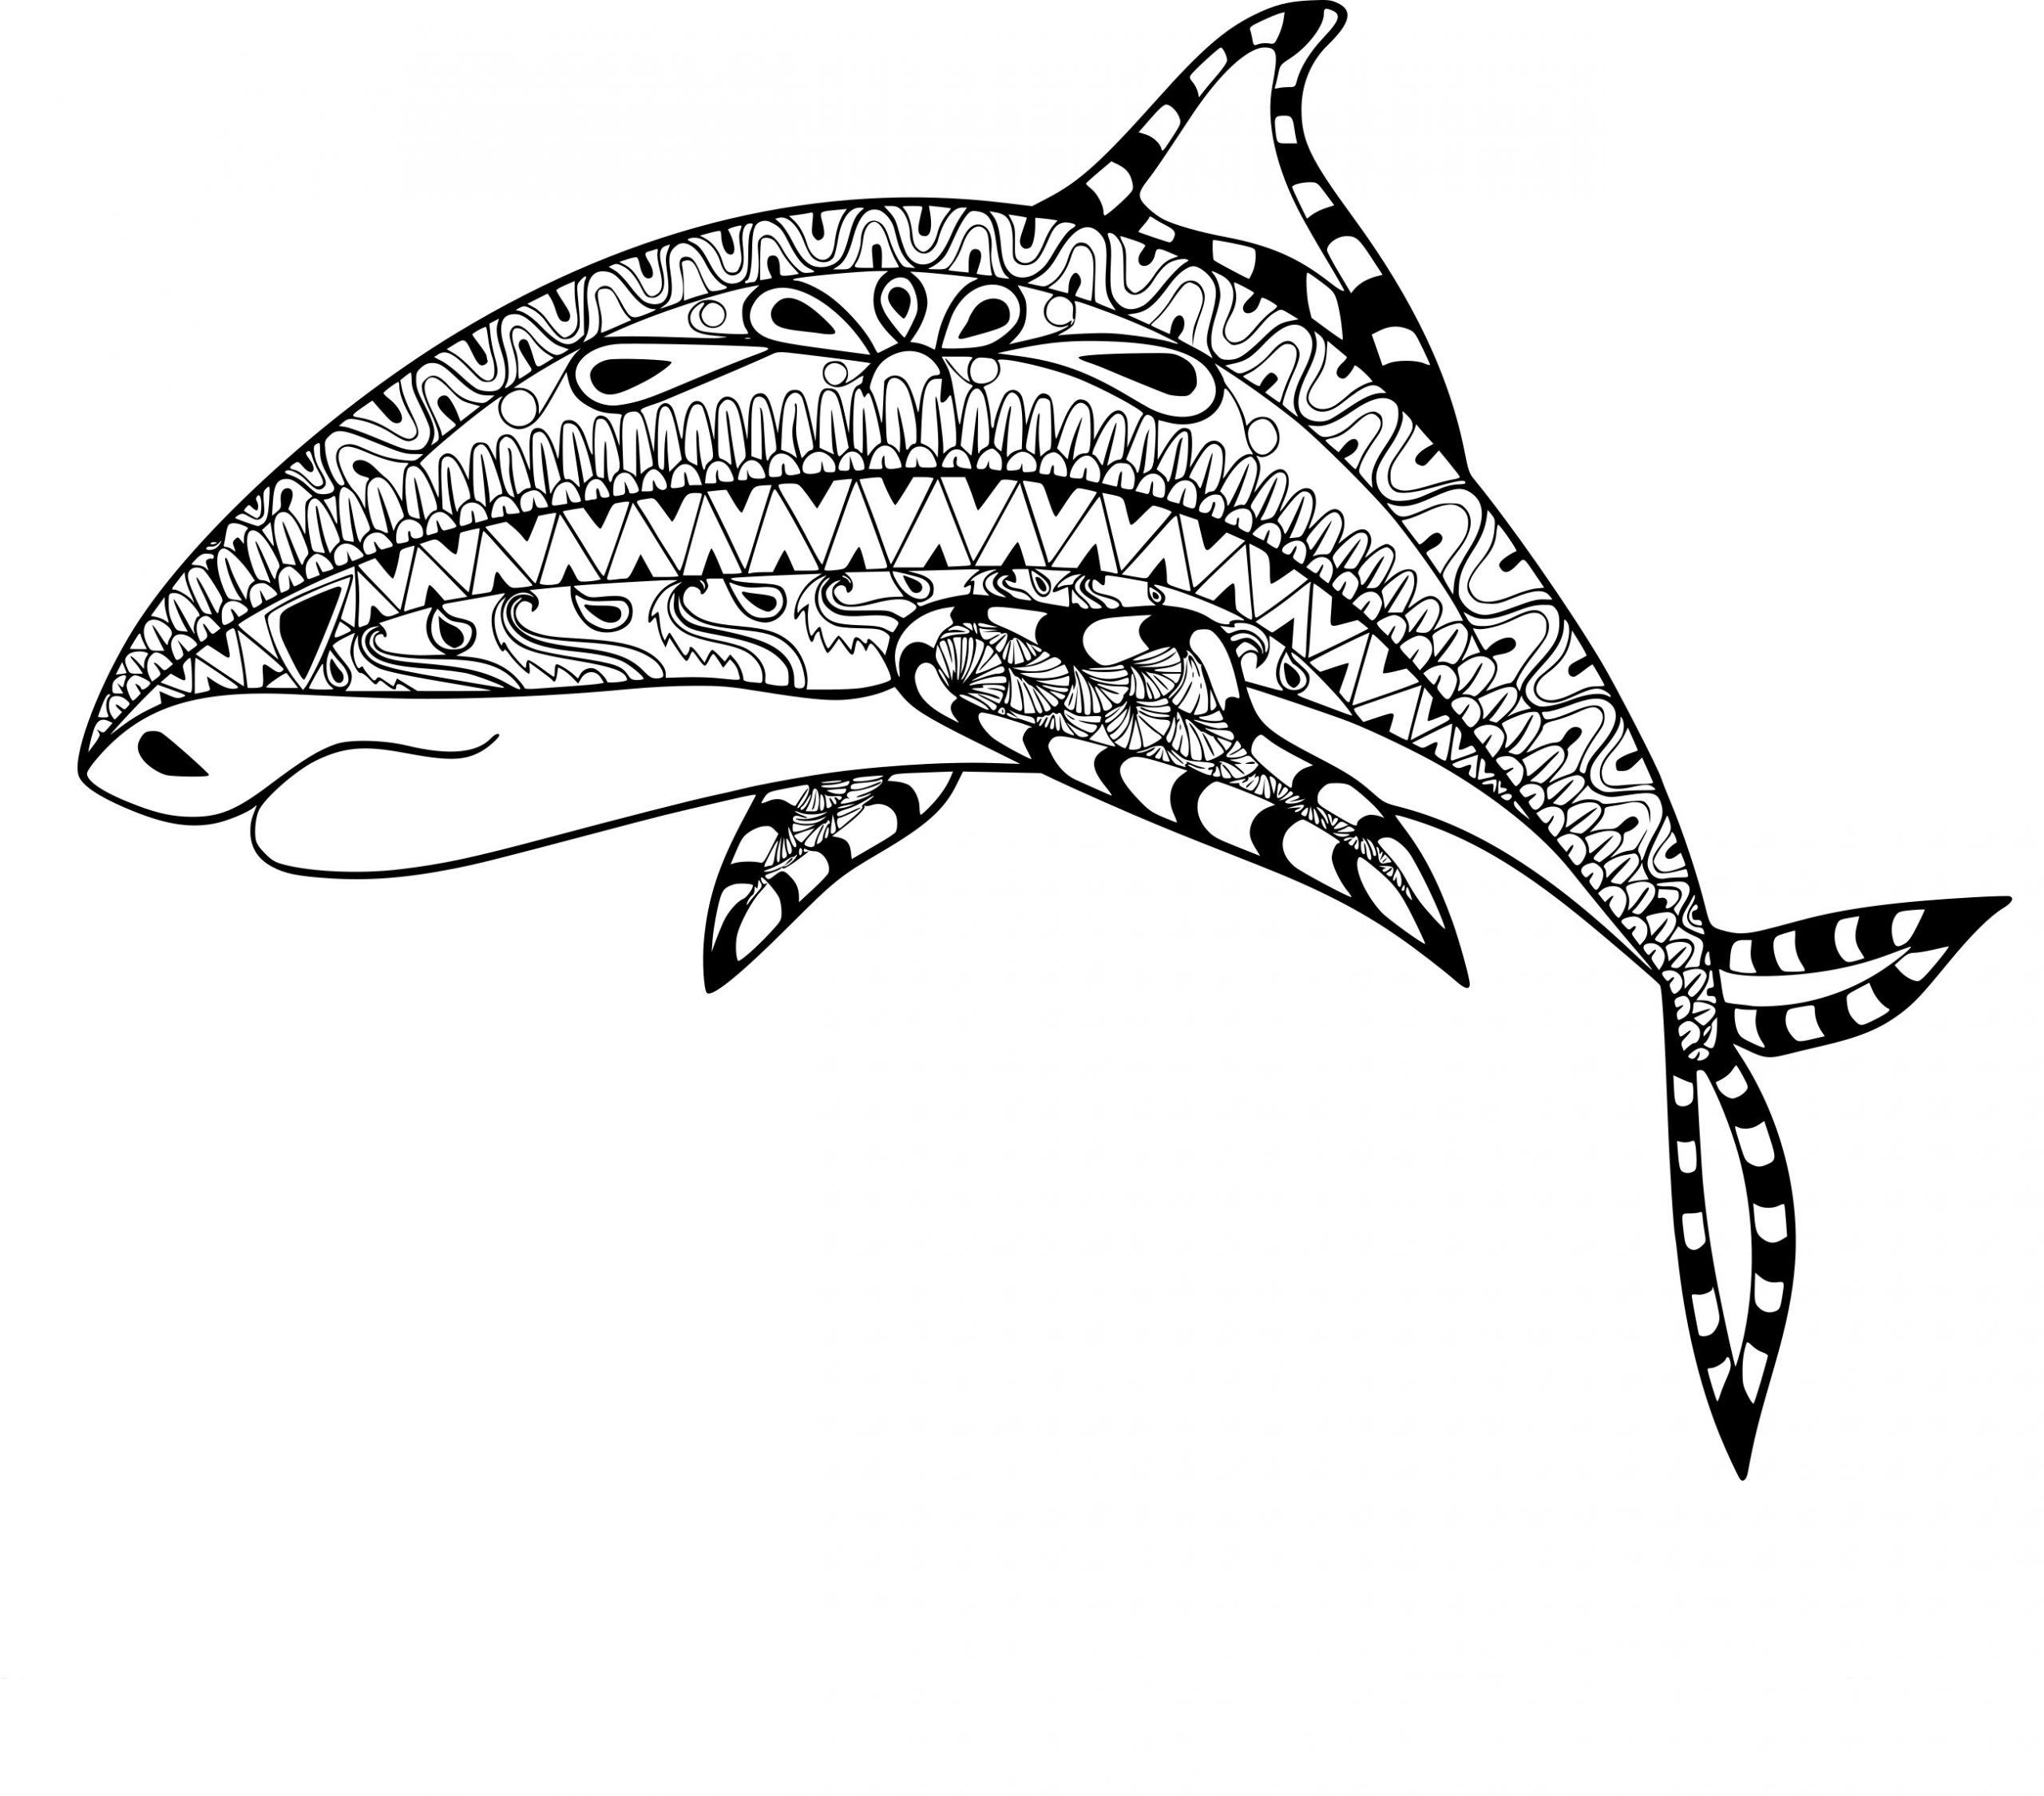 Coloriage Anti-Stress Requin À Imprimer Sur Coloriages pour Coloriage Requin À Imprimer